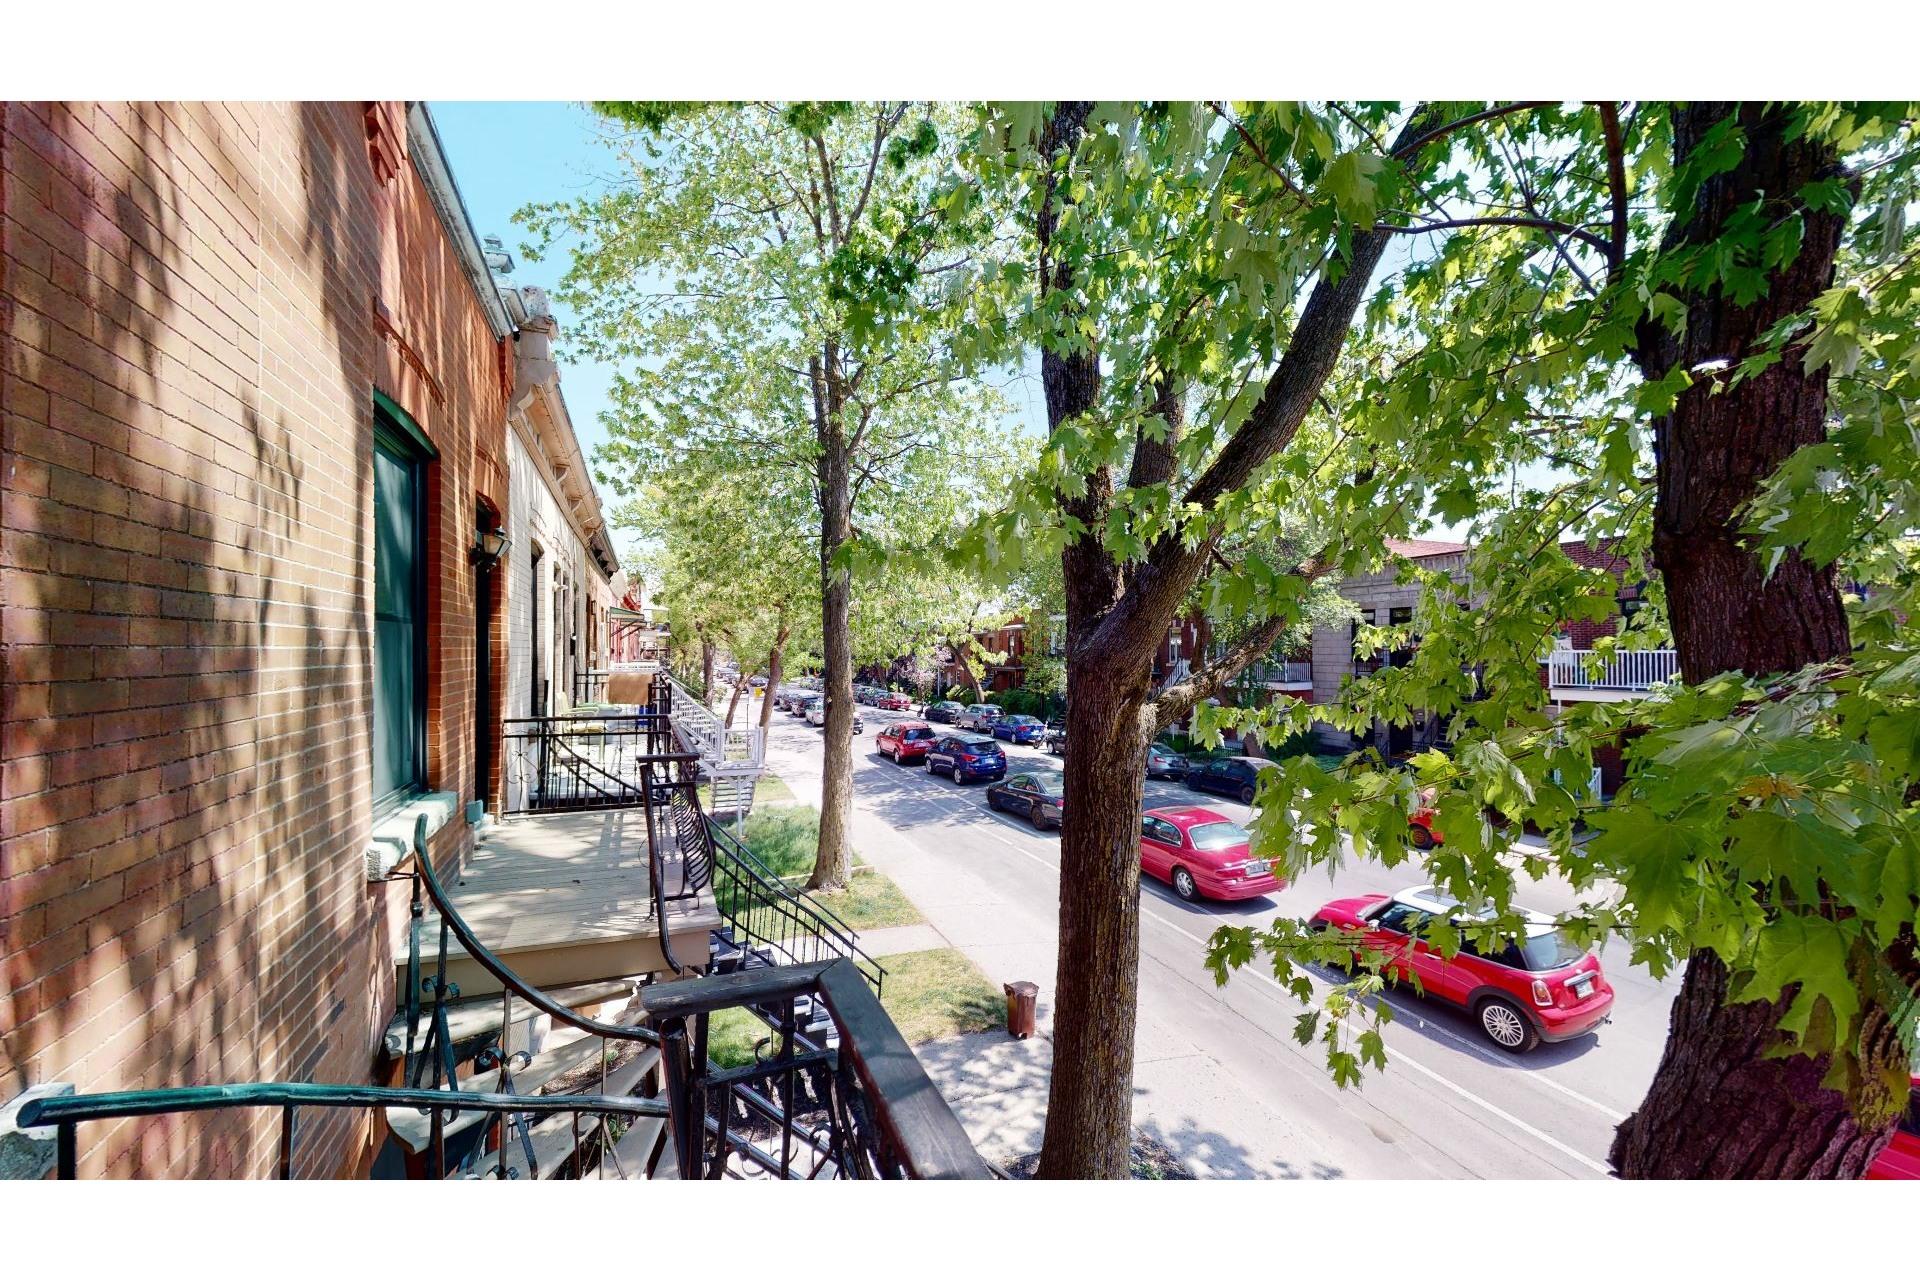 image 19 - Duplex À vendre Rosemont/La Petite-Patrie Montréal  - 4 pièces